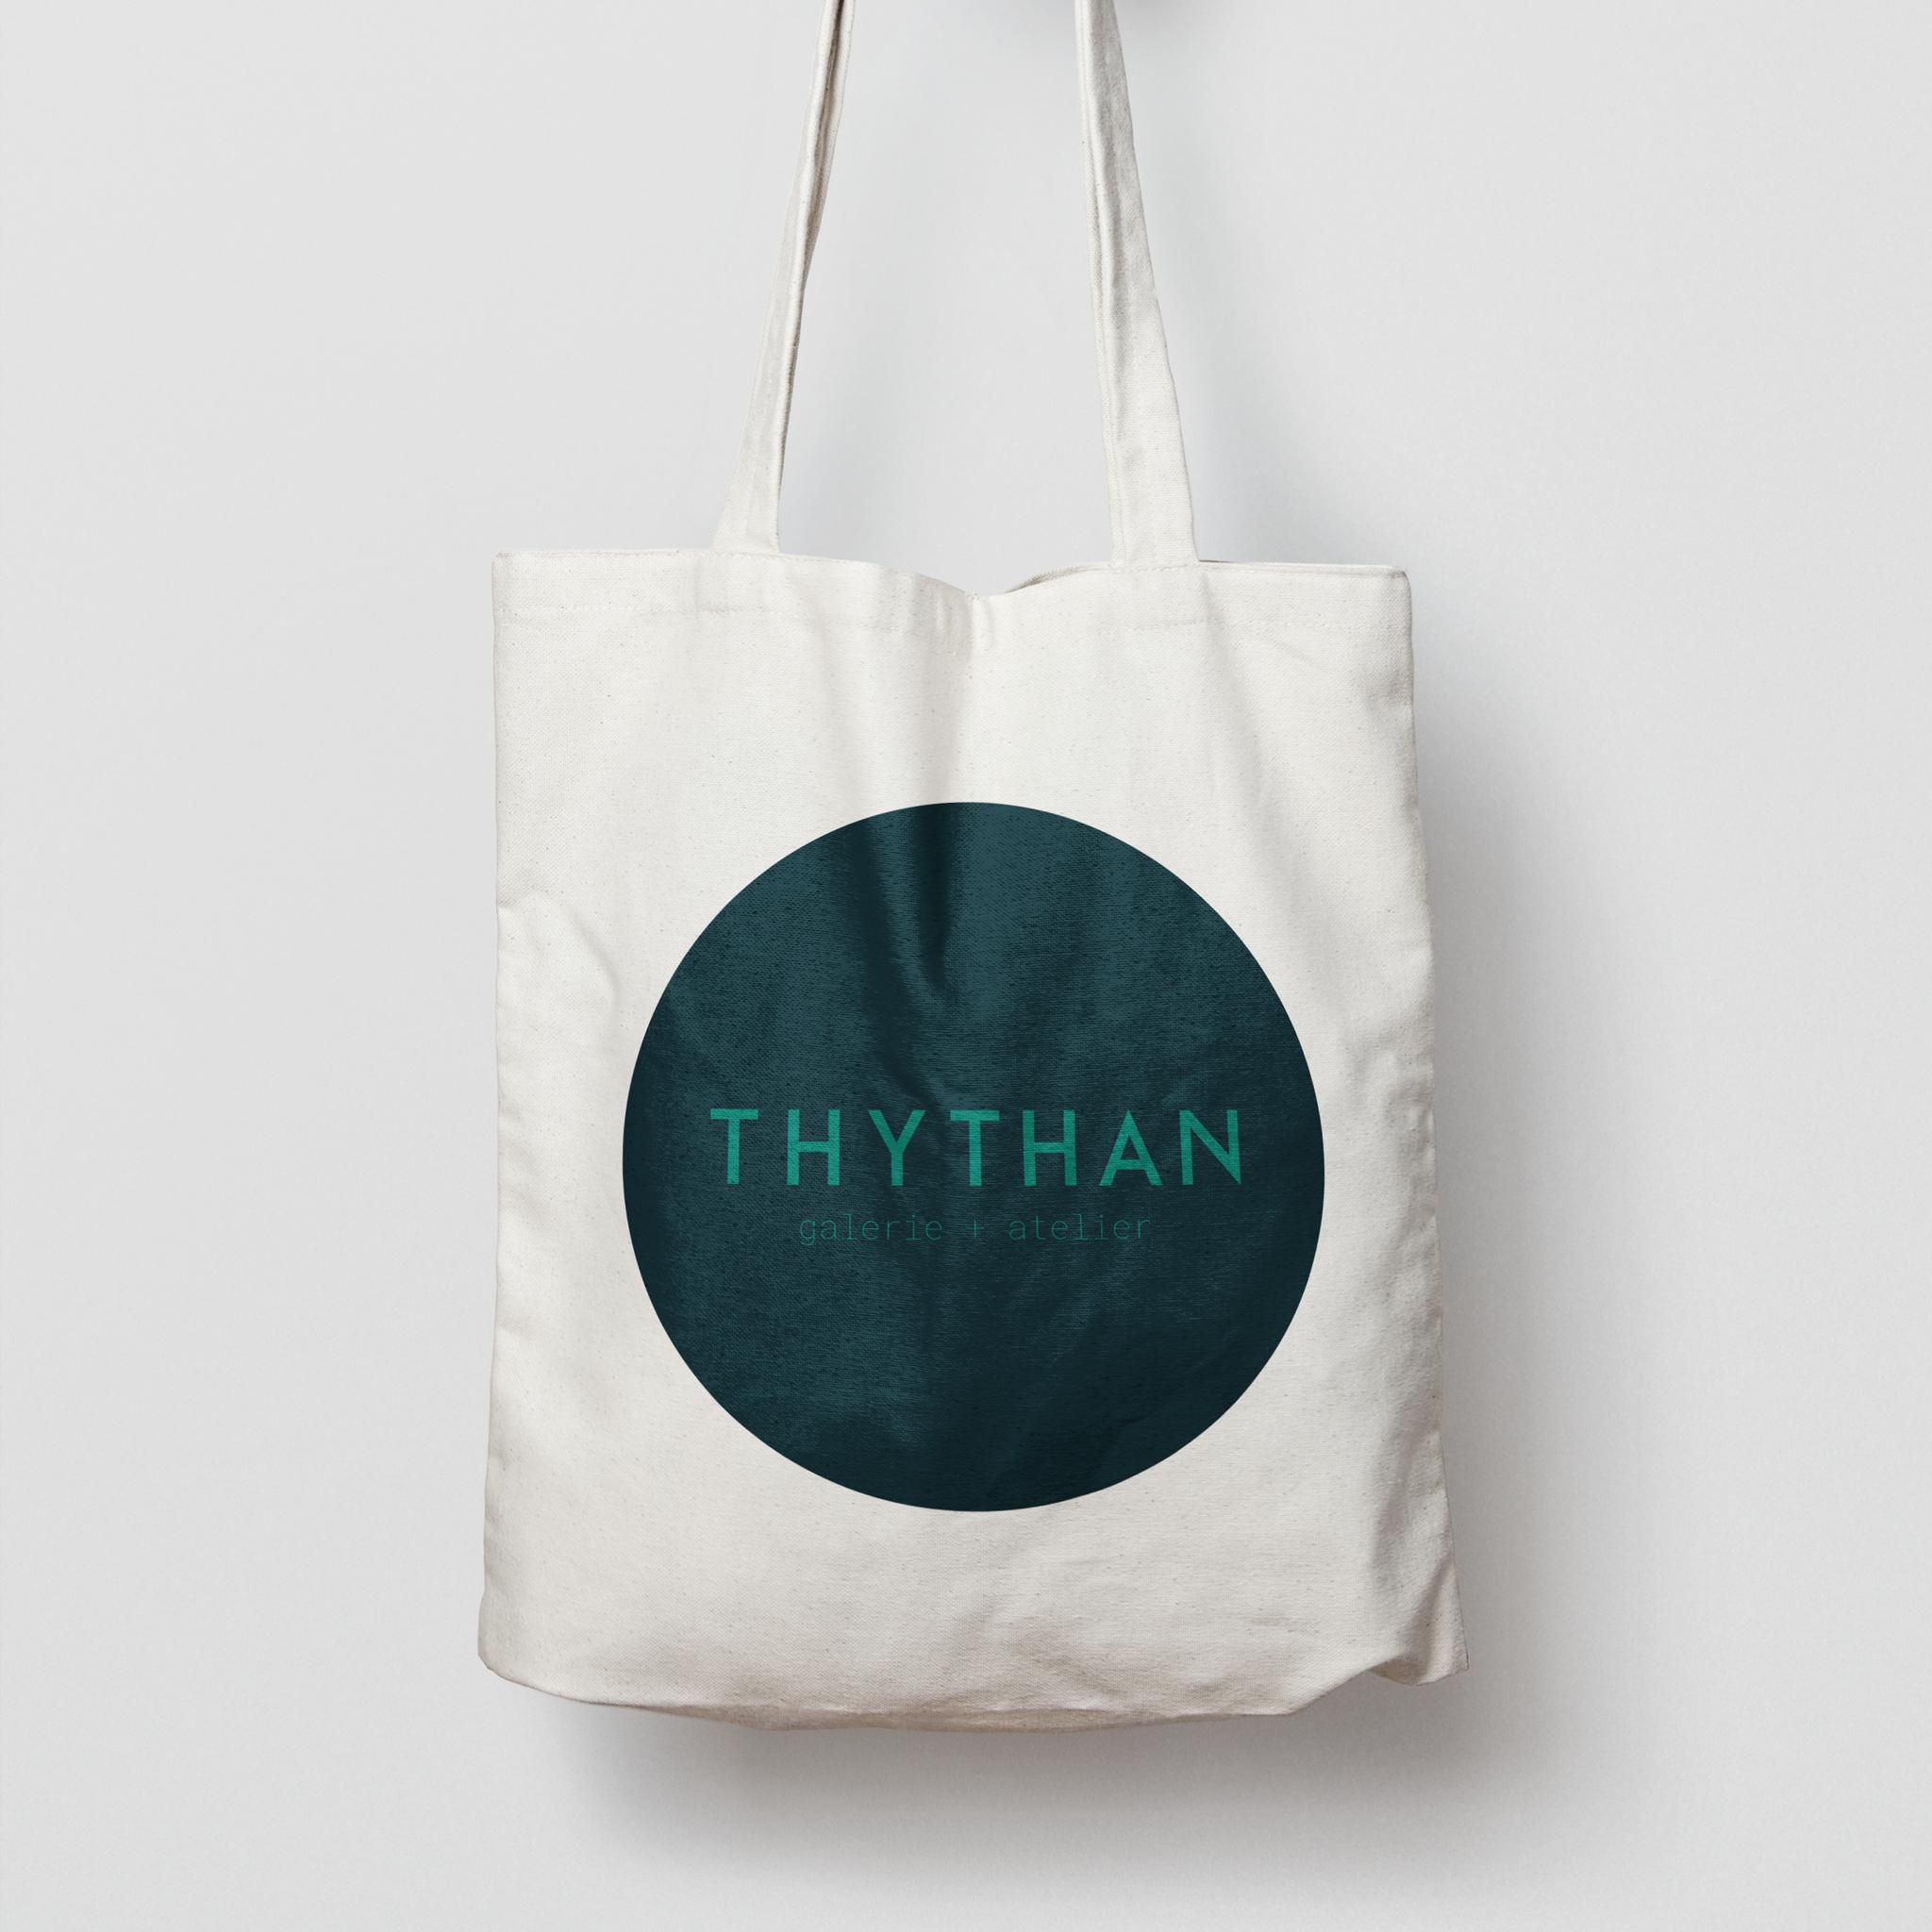 totbag-thythan-studiodoux